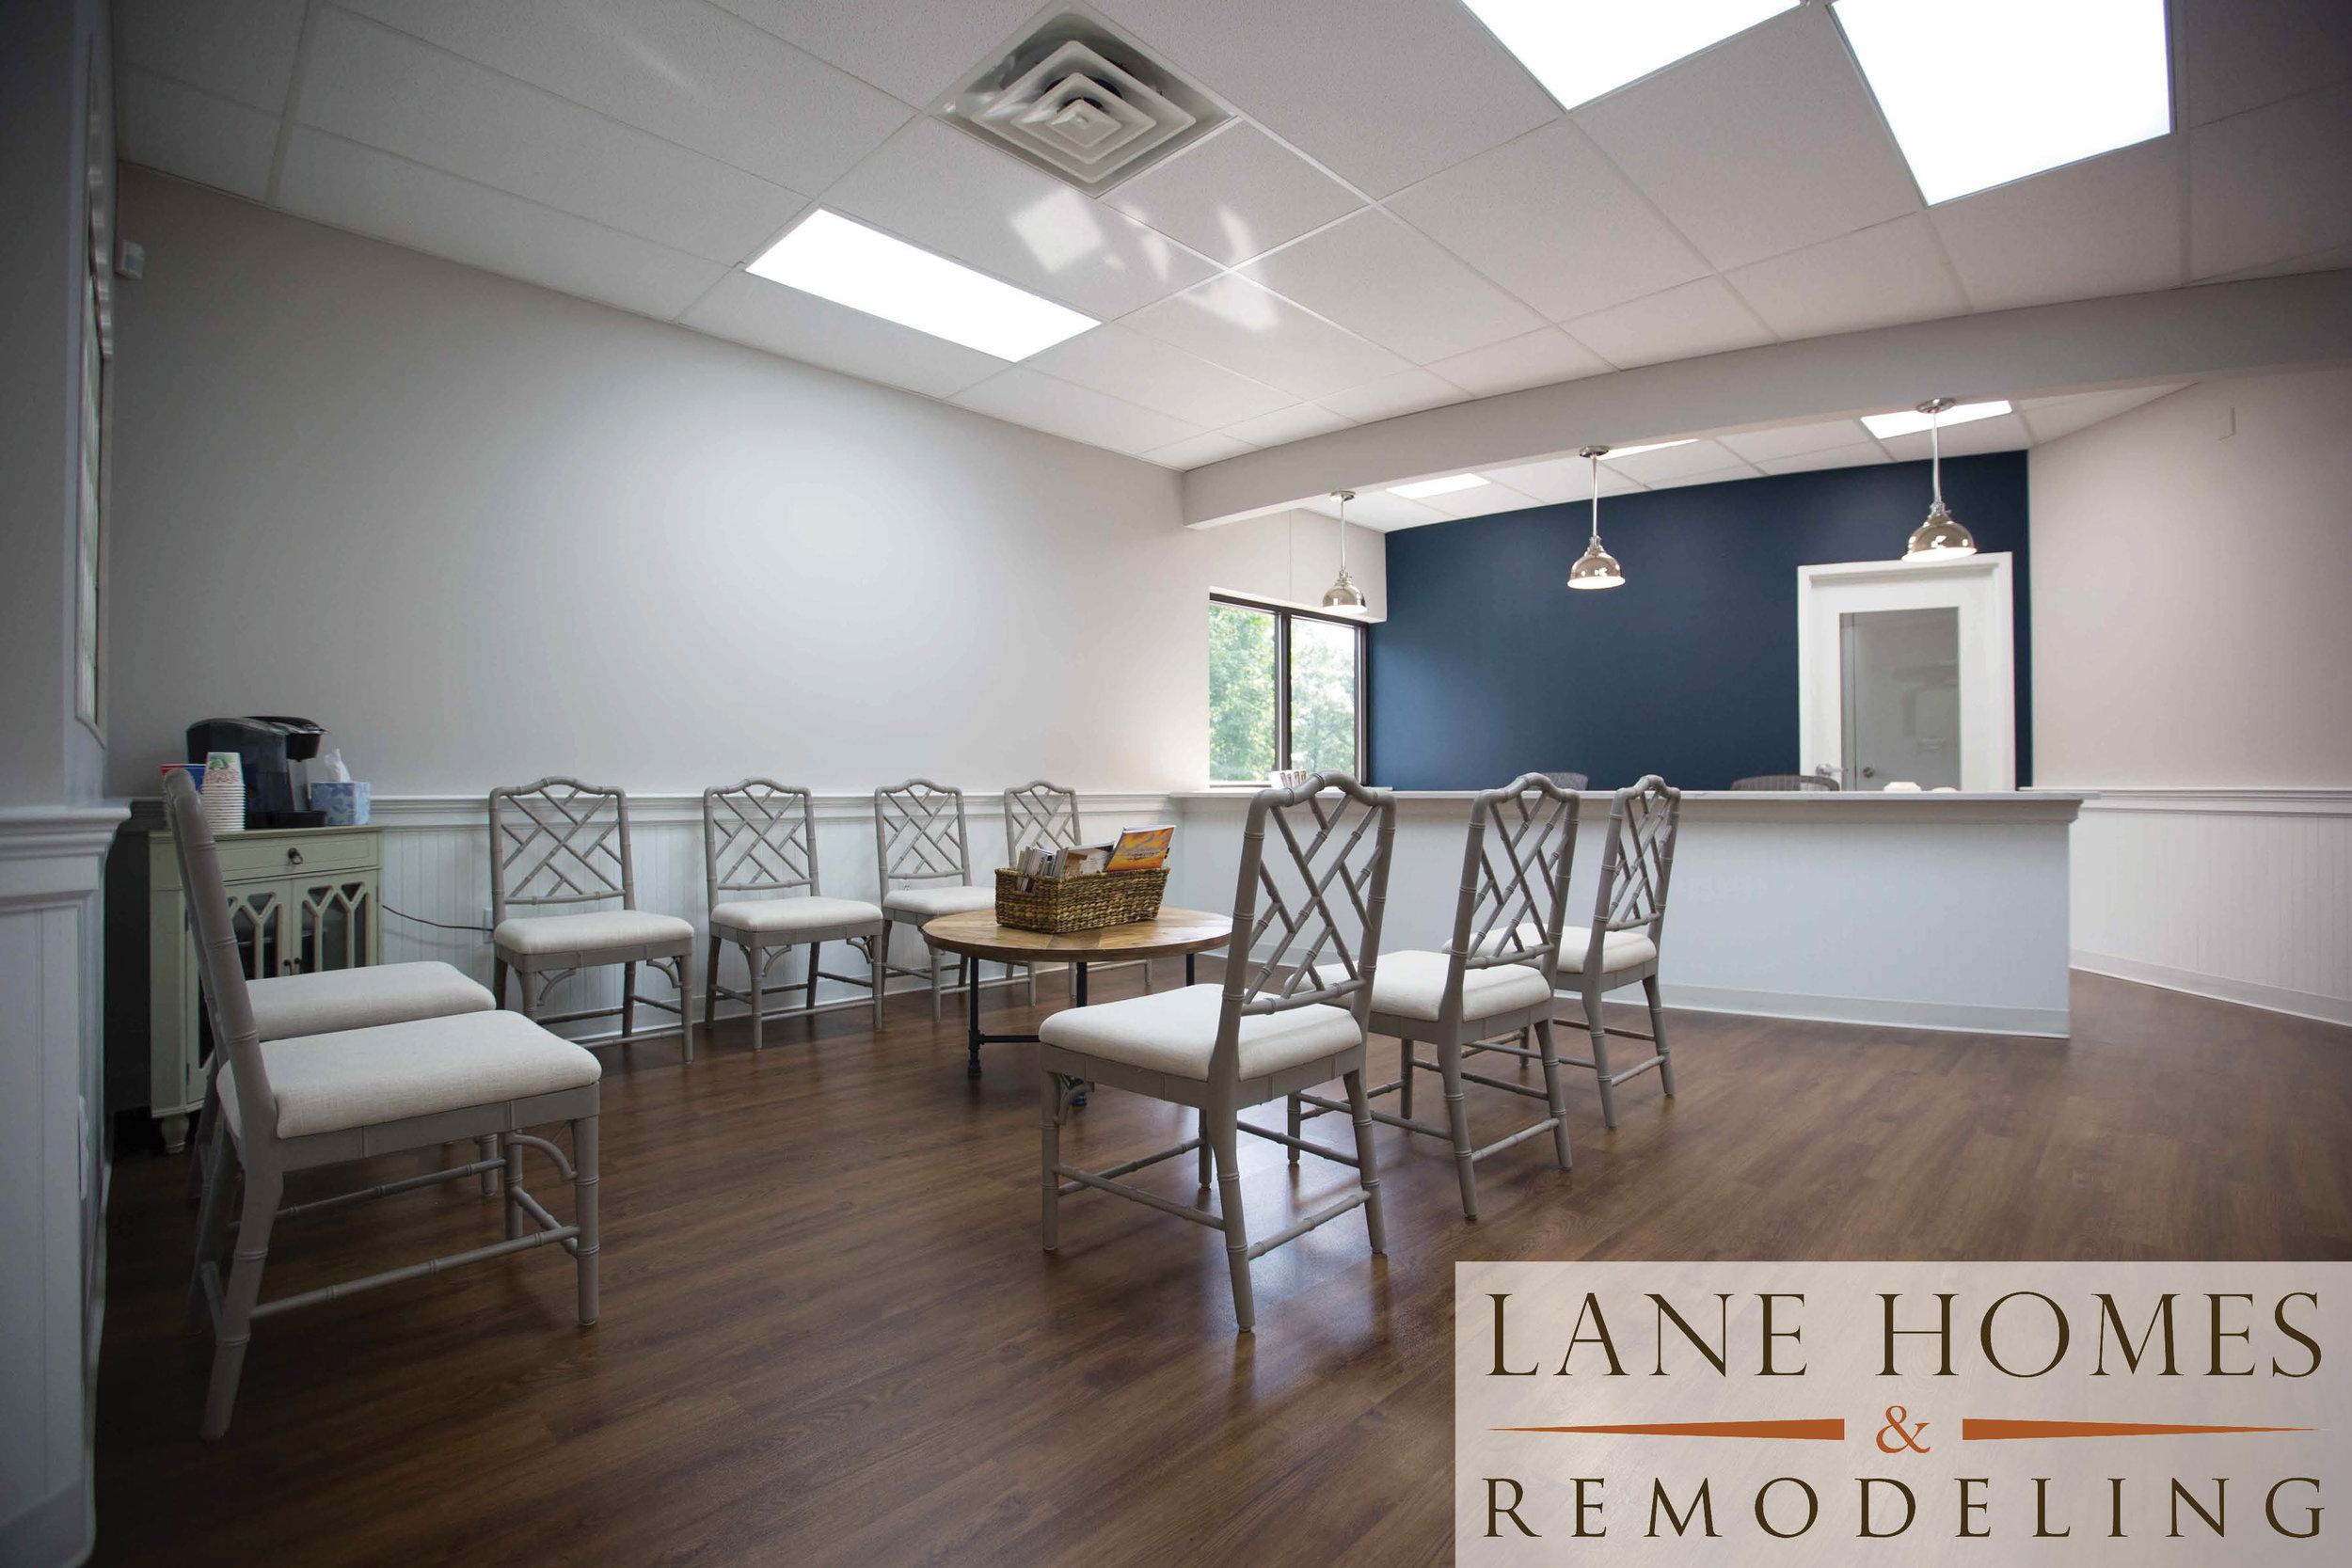 LaneHomes-Remodeling-13.jpg